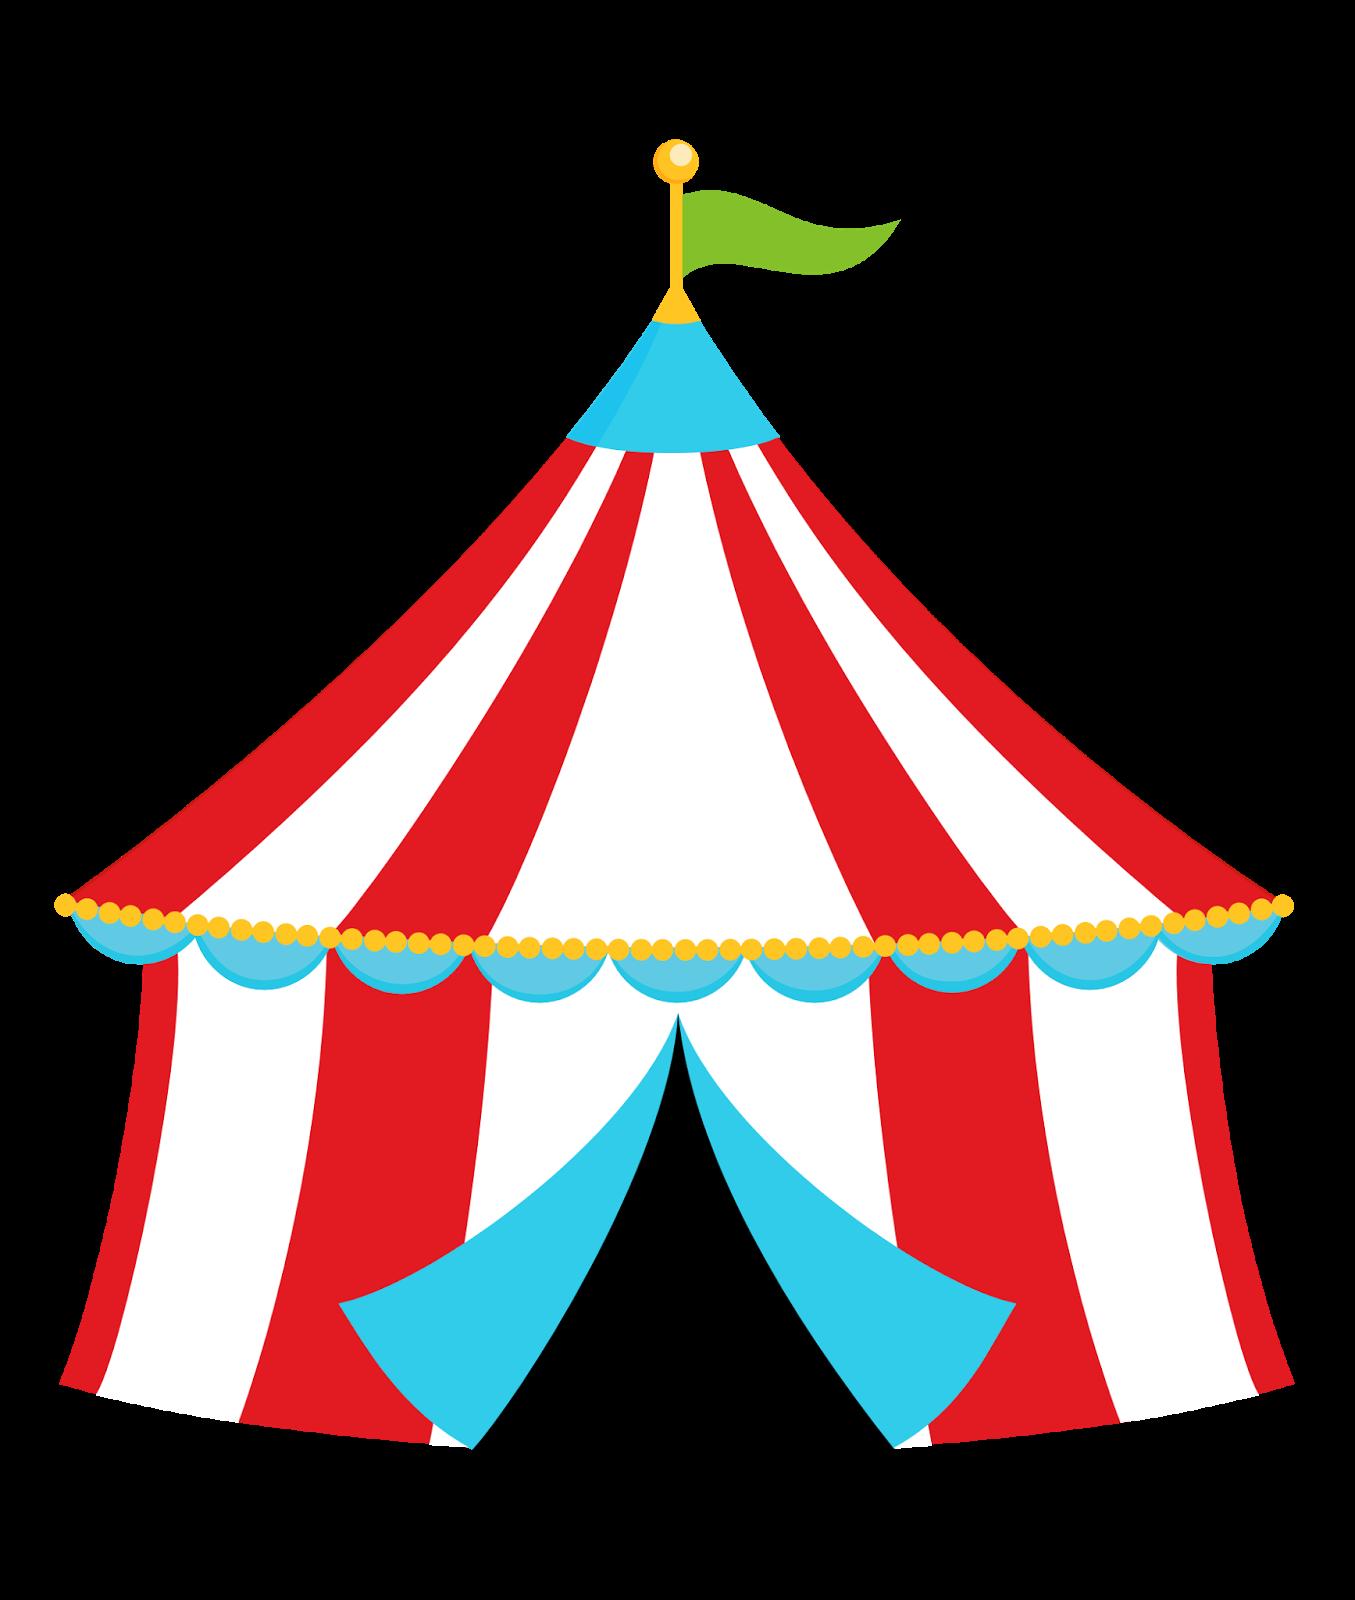 Resultado de imagem para circo png  sc 1 st  Pinterest & Resultado de imagem para circo png | circo | Pinterest | Decoupage